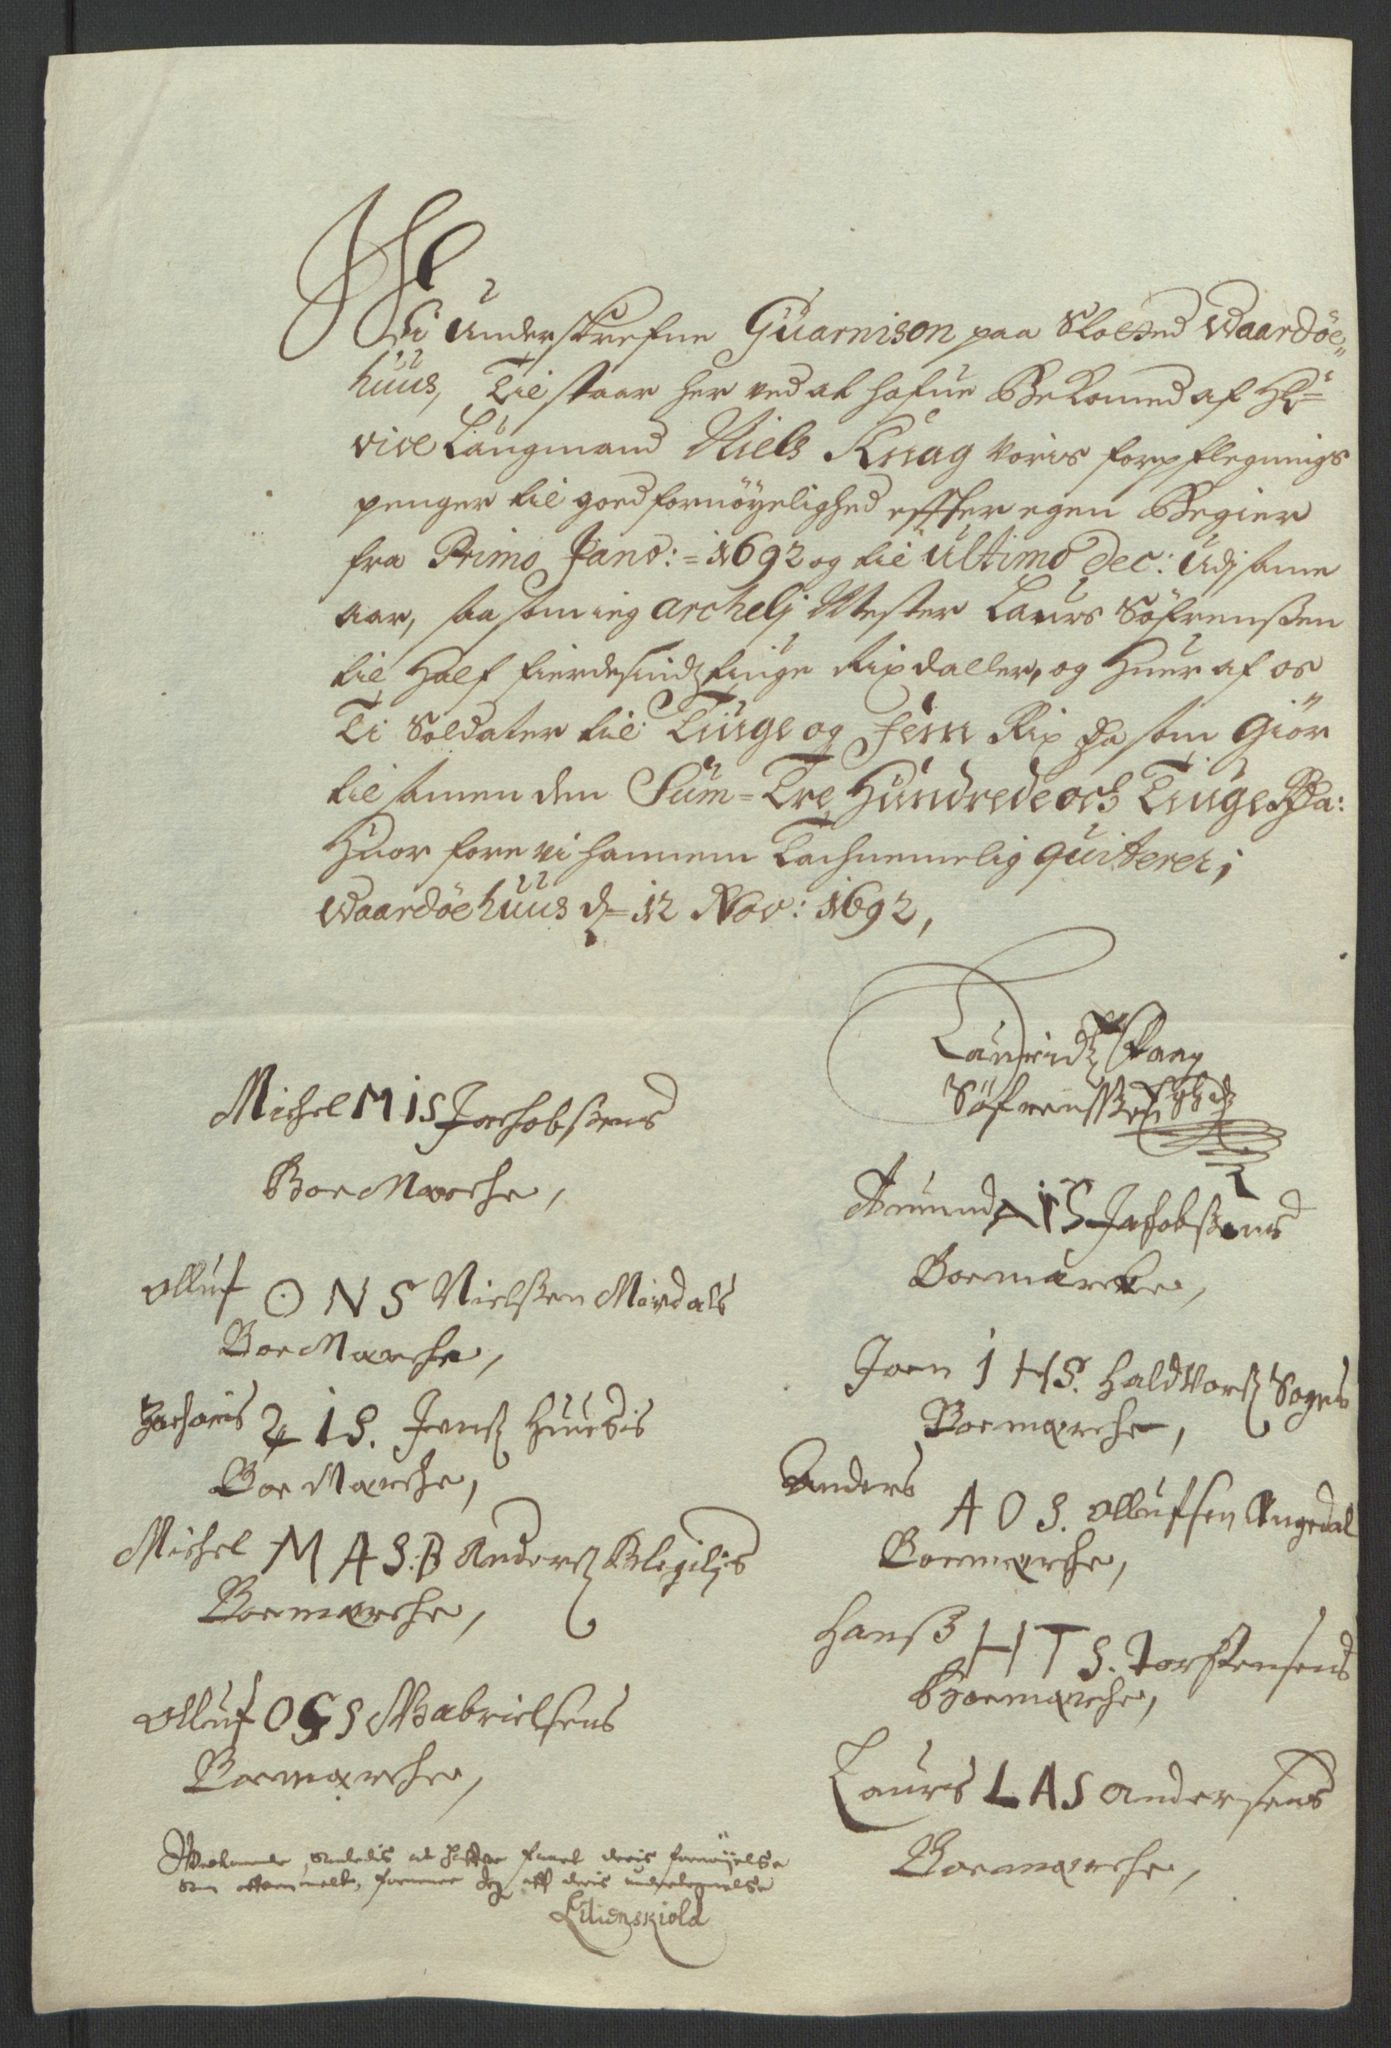 RA, Rentekammeret inntil 1814, Reviderte regnskaper, Fogderegnskap, R69/L4851: Fogderegnskap Finnmark/Vardøhus, 1691-1700, s. 217